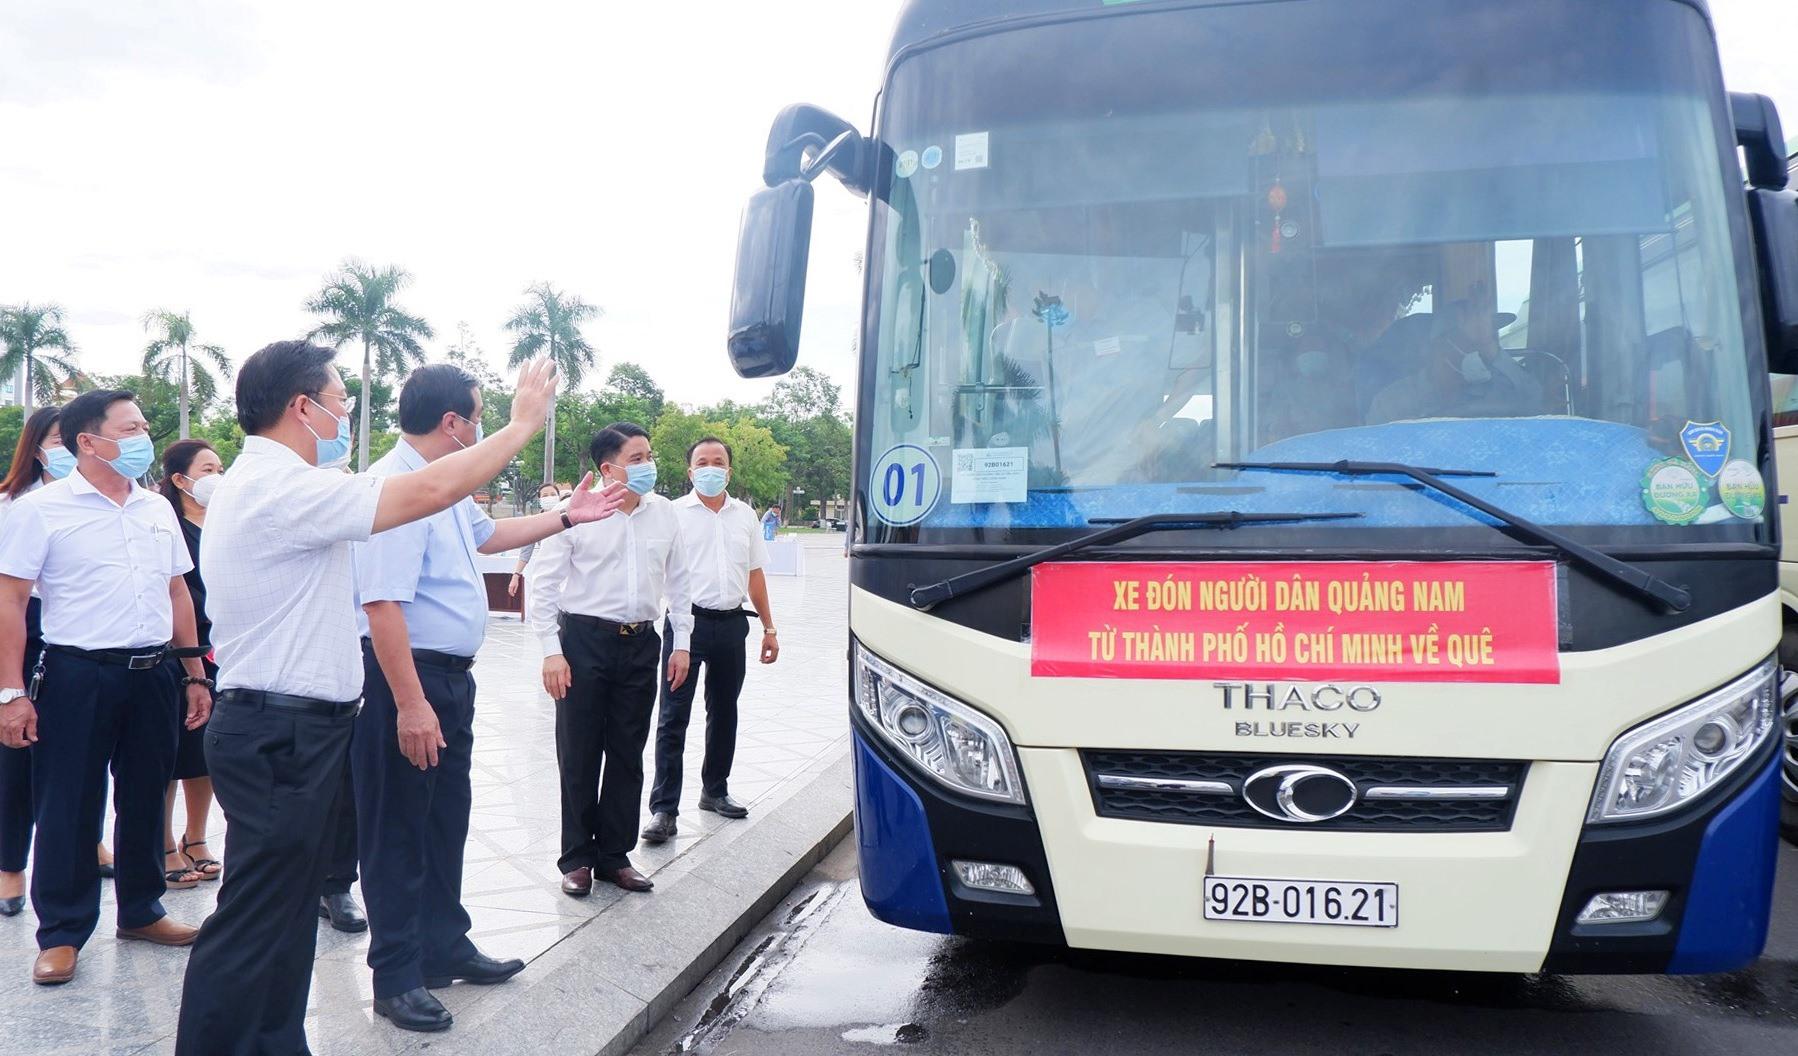 Khởi hành đoàn xe đón đồng hương Quảng Nam từ TP.Hồ Chí Minh về quê (clip) 6